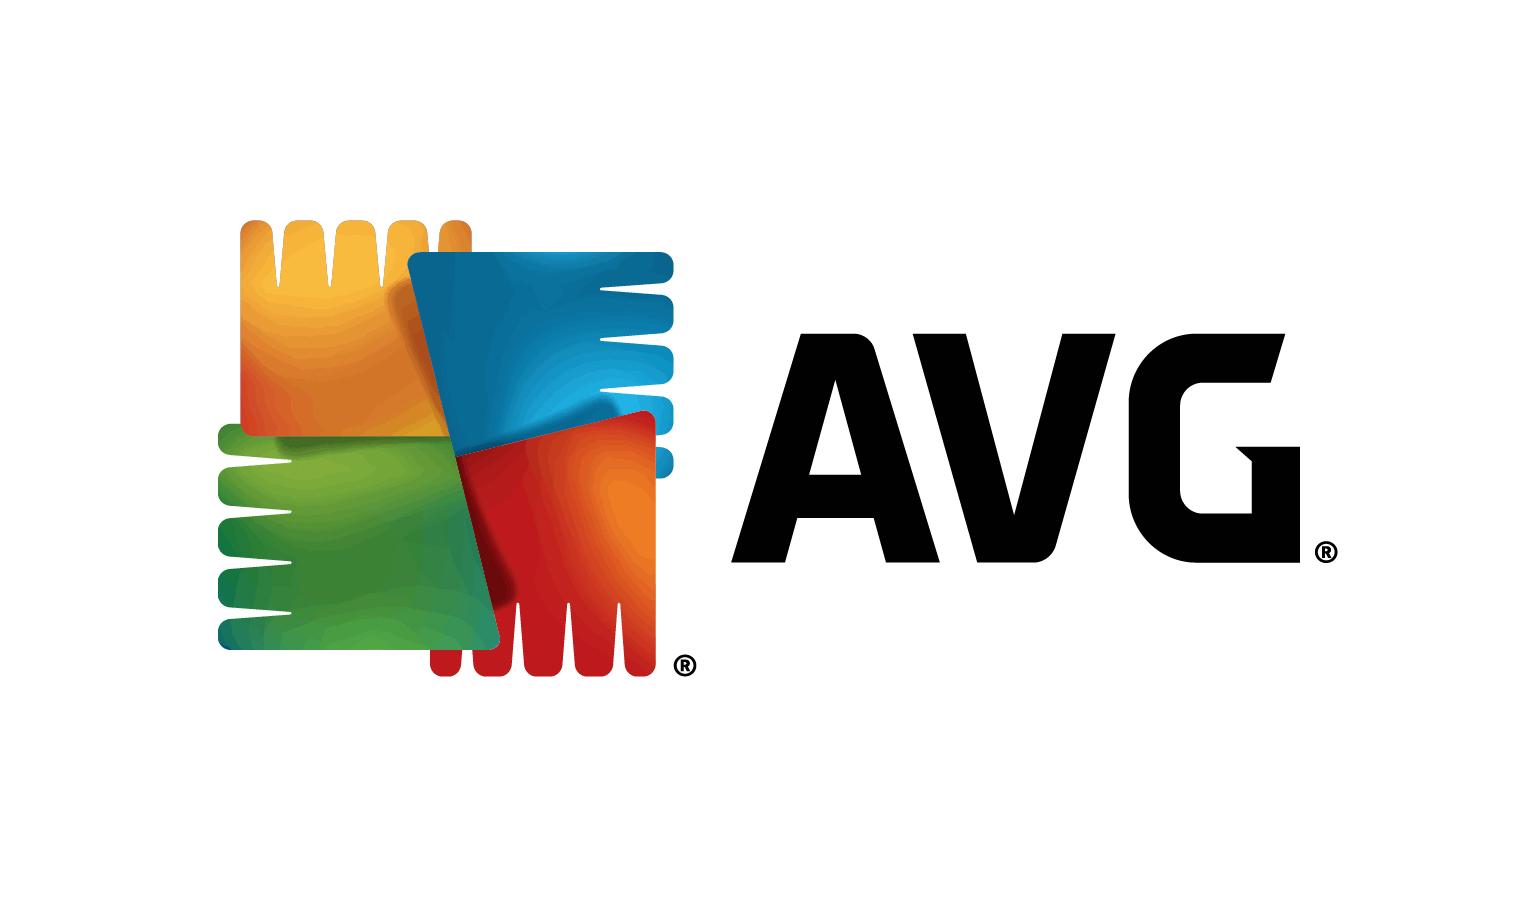 AVG_LOGO_RGB.png